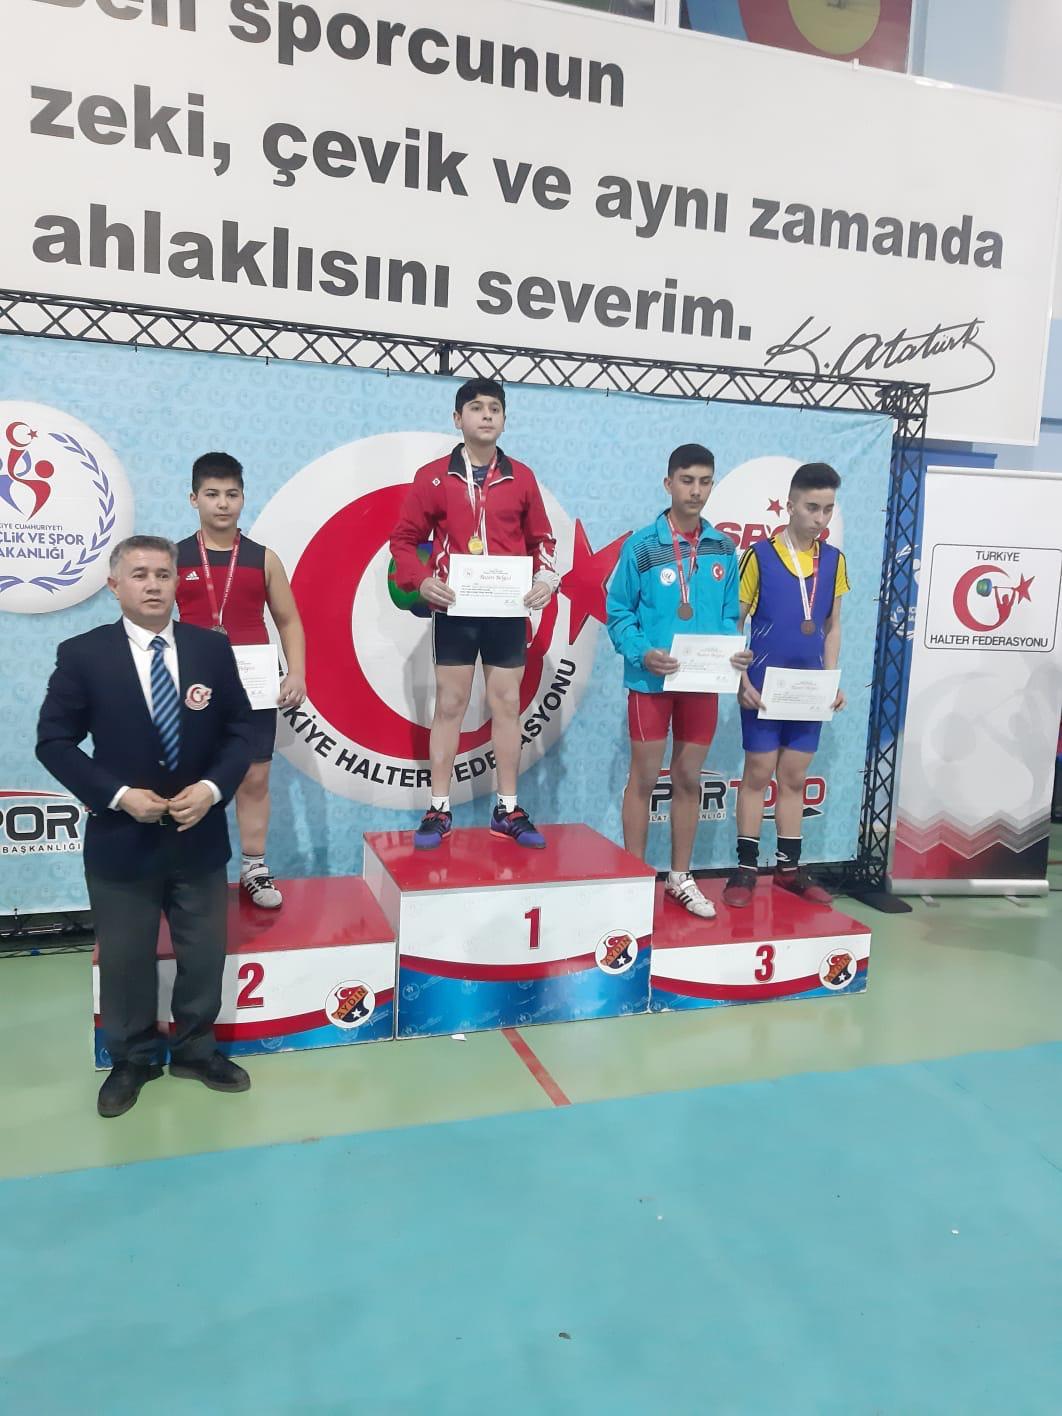 Ağrılı Halterci Türkiye Şampiyonu Oldu